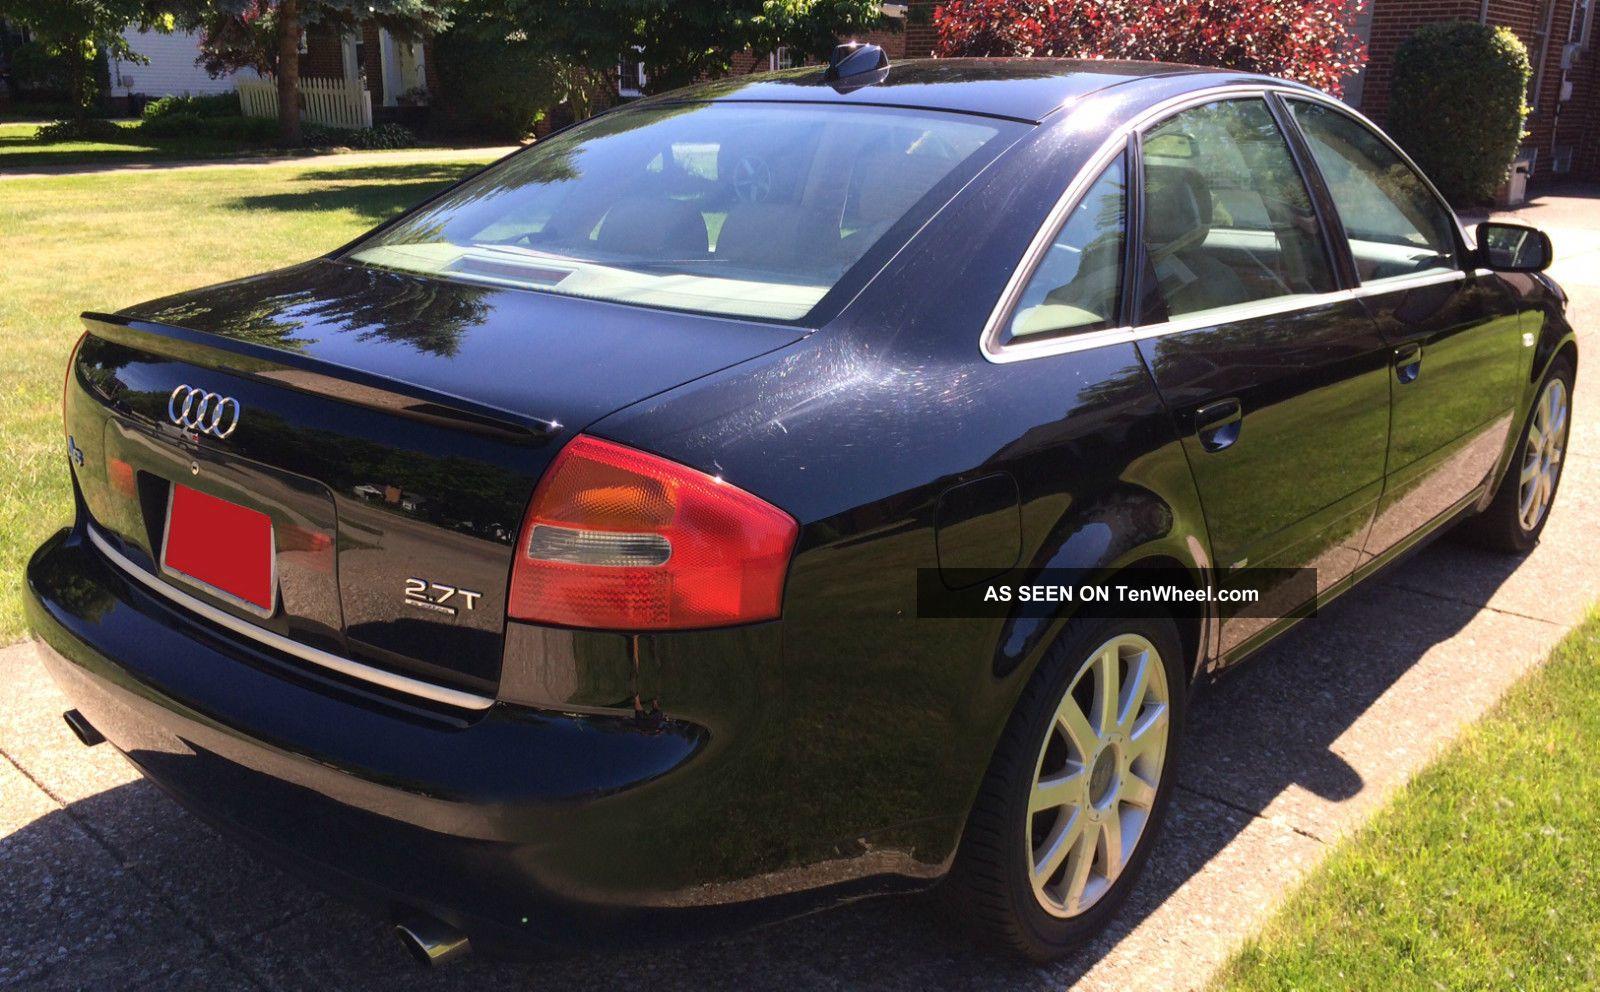 2004 Audi A6 Quattro S - Line 2.  7l V6 Twin Turbo All Wheel Drive Title A6 photo